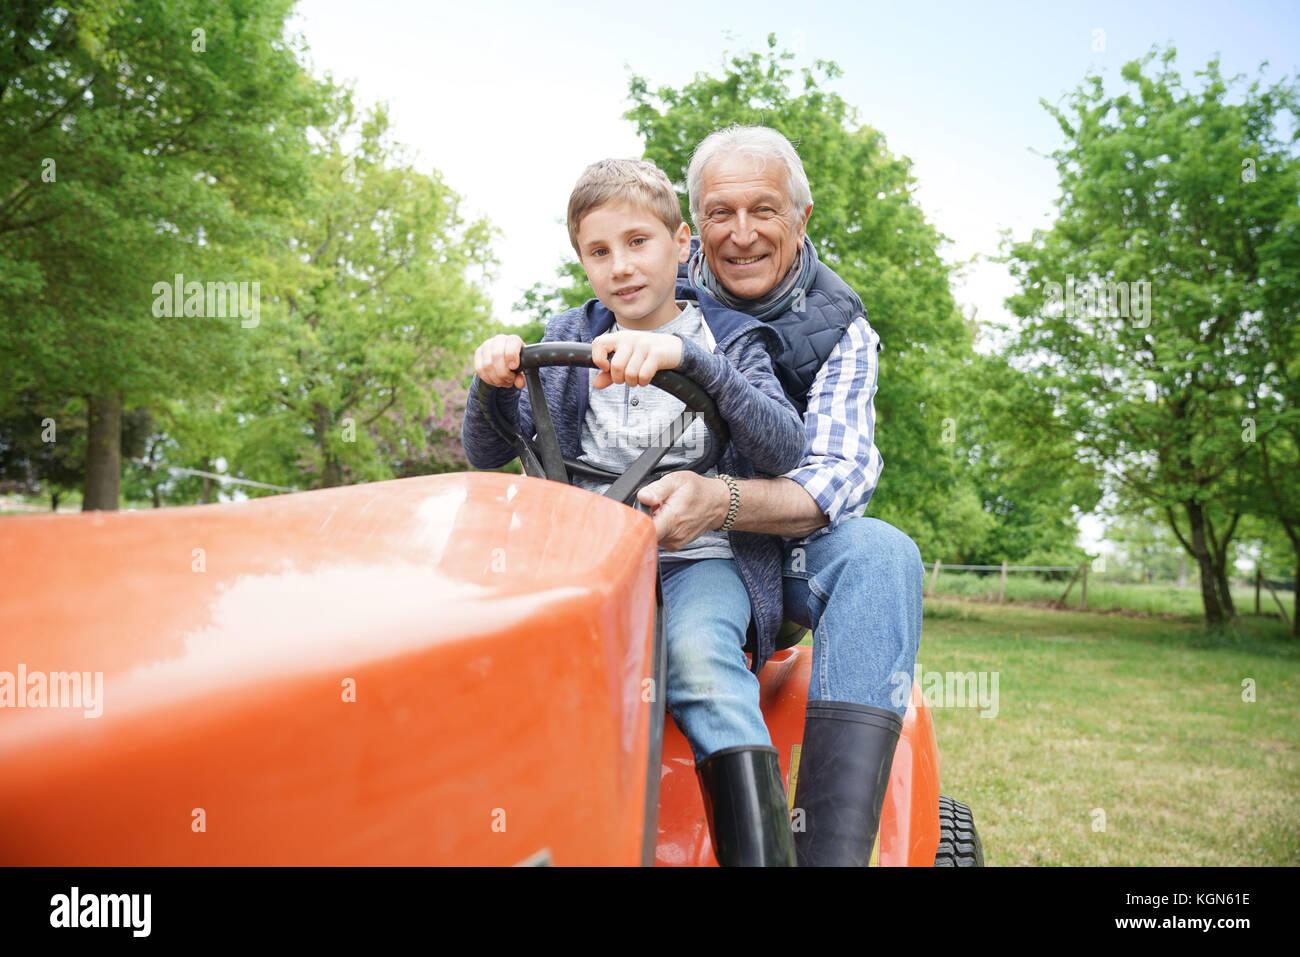 Hombre senior con grandkid cabalgando sobre cortadora de césped Imagen De Stock